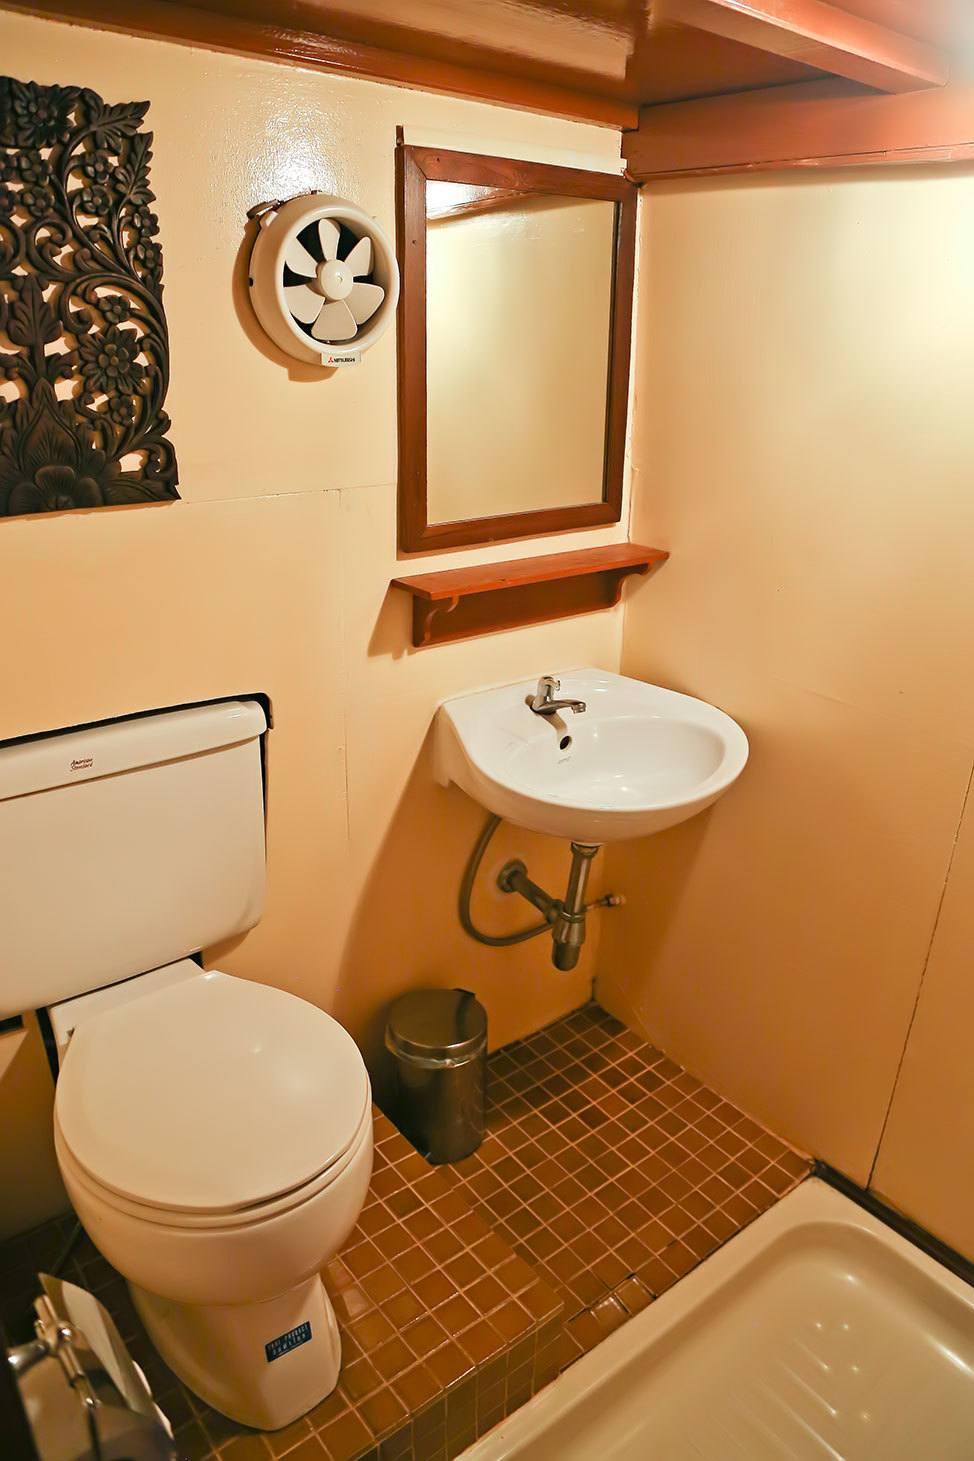 Bathroom on the Mekhala River Cruise from Bangkok to Ayutthaya, Thailand